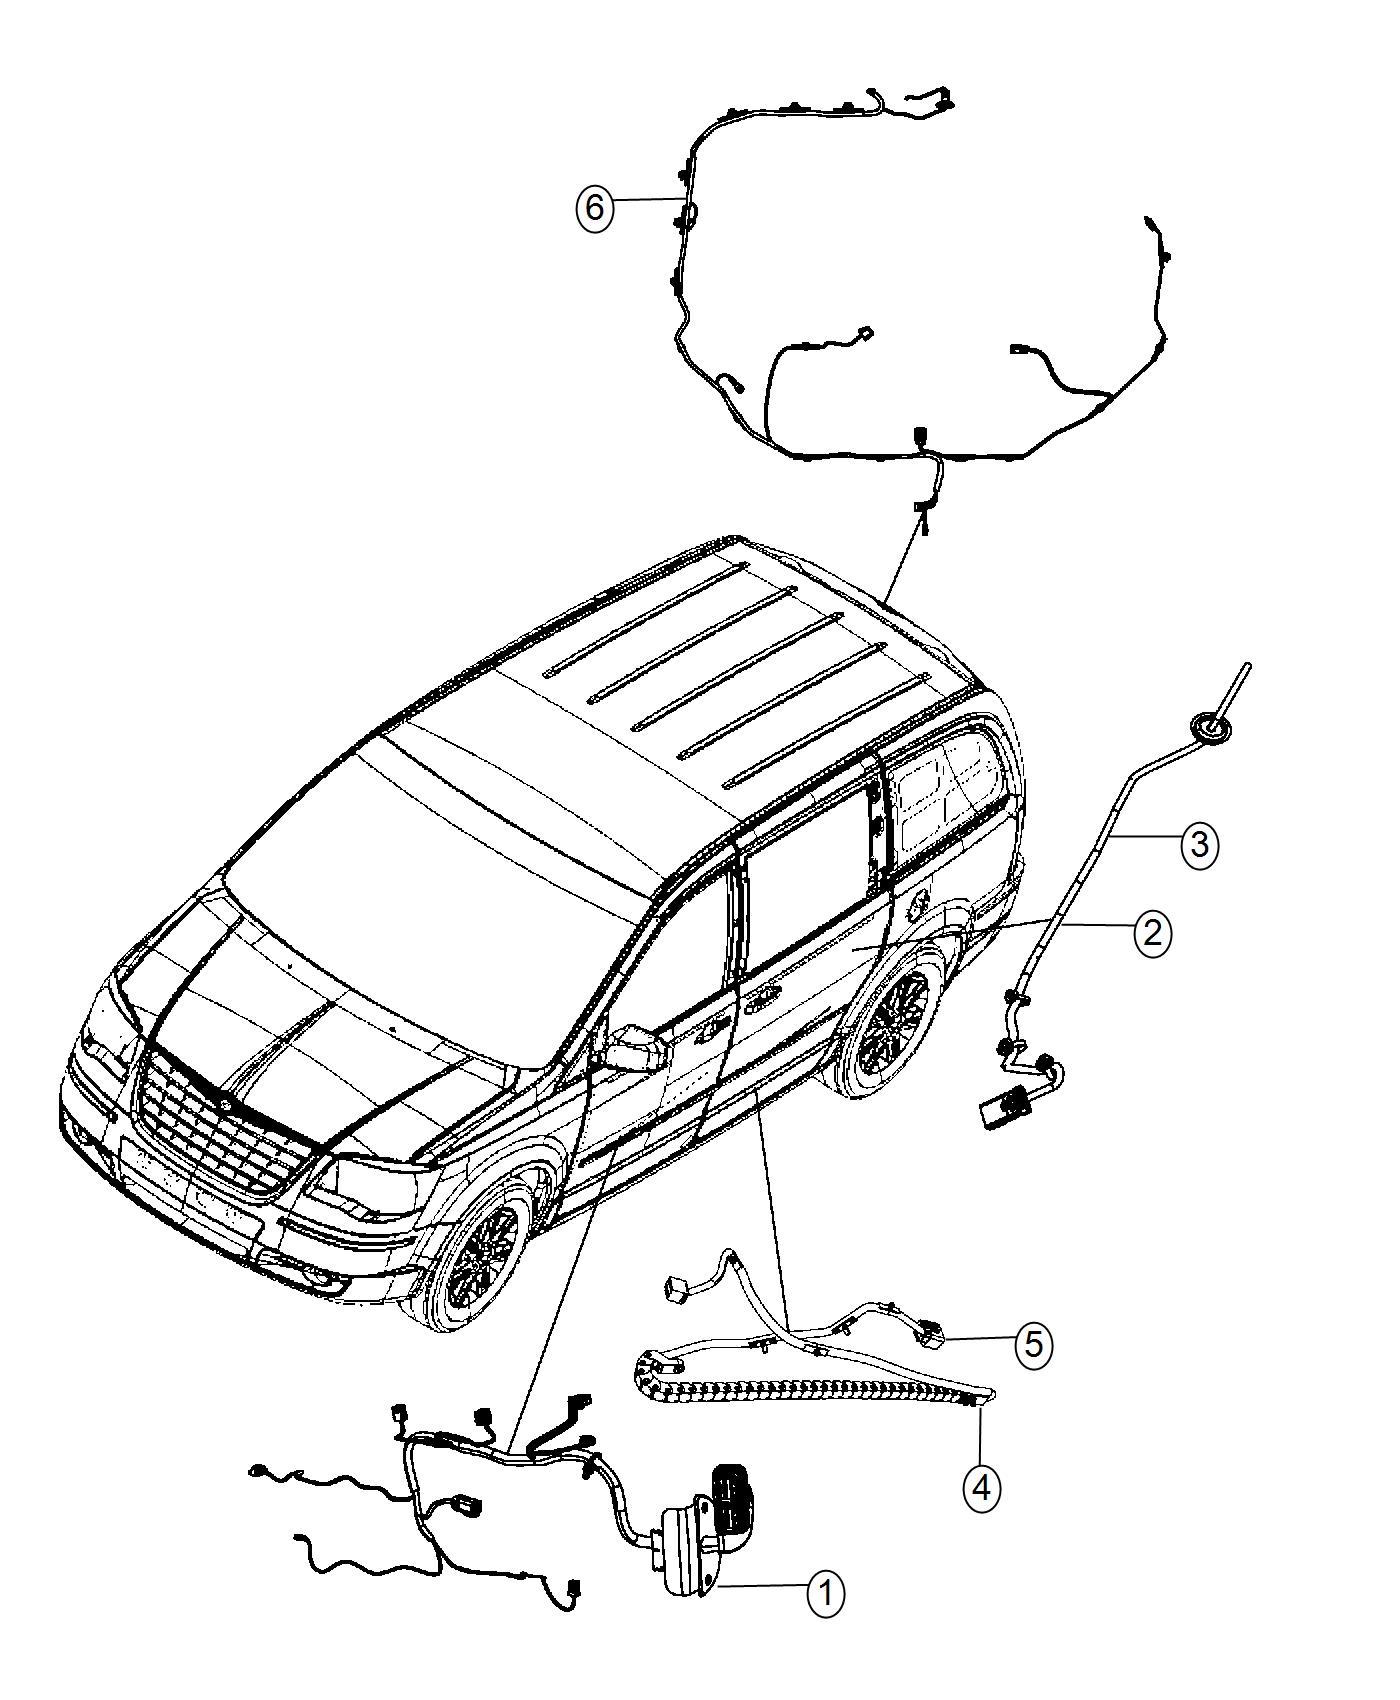 Dodge Grand Caravan Wiring. Sliding door right